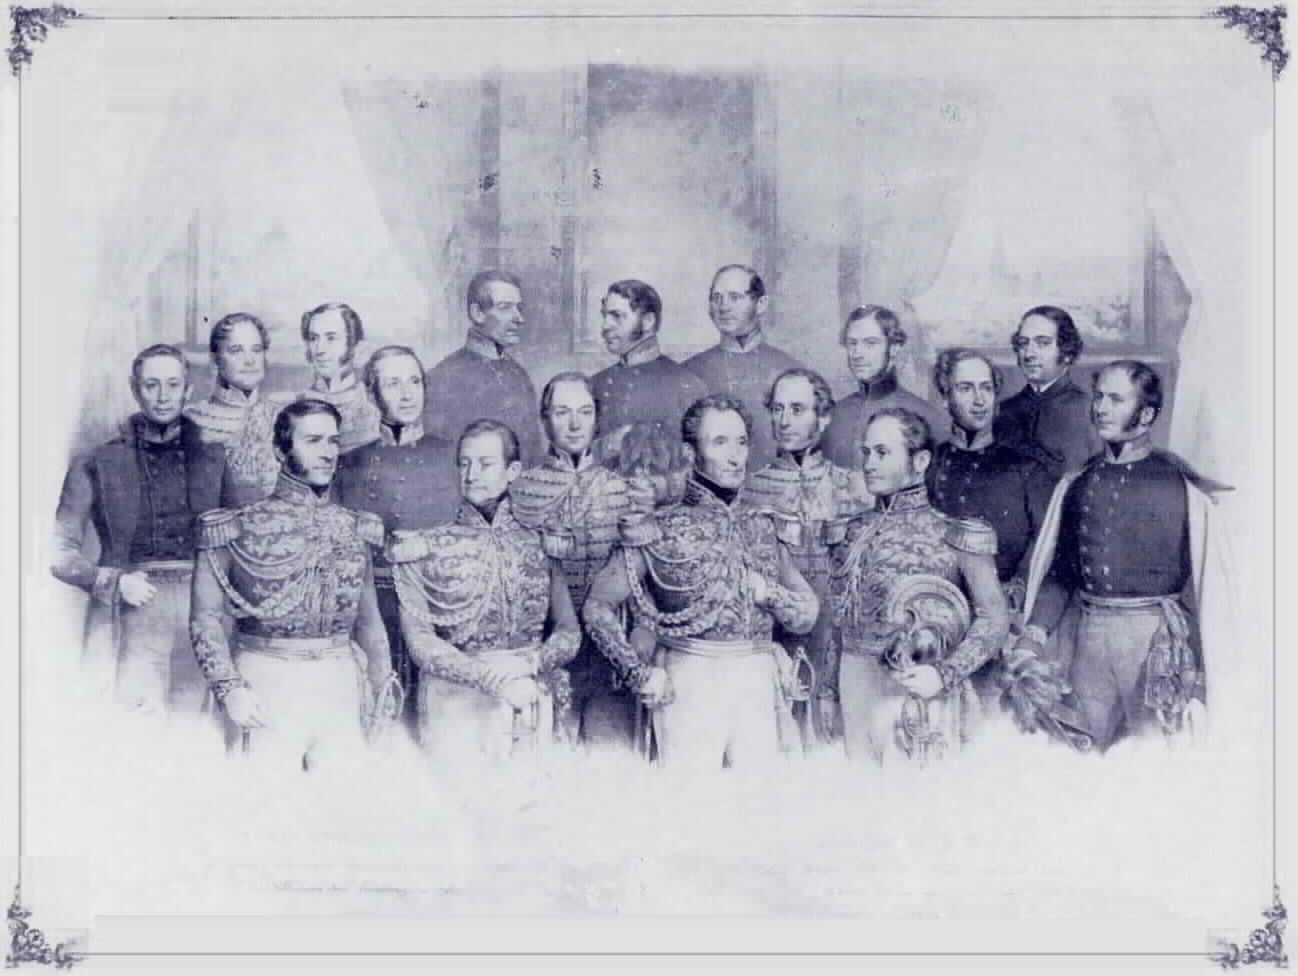 La Guardia nobile italiana nel 1843